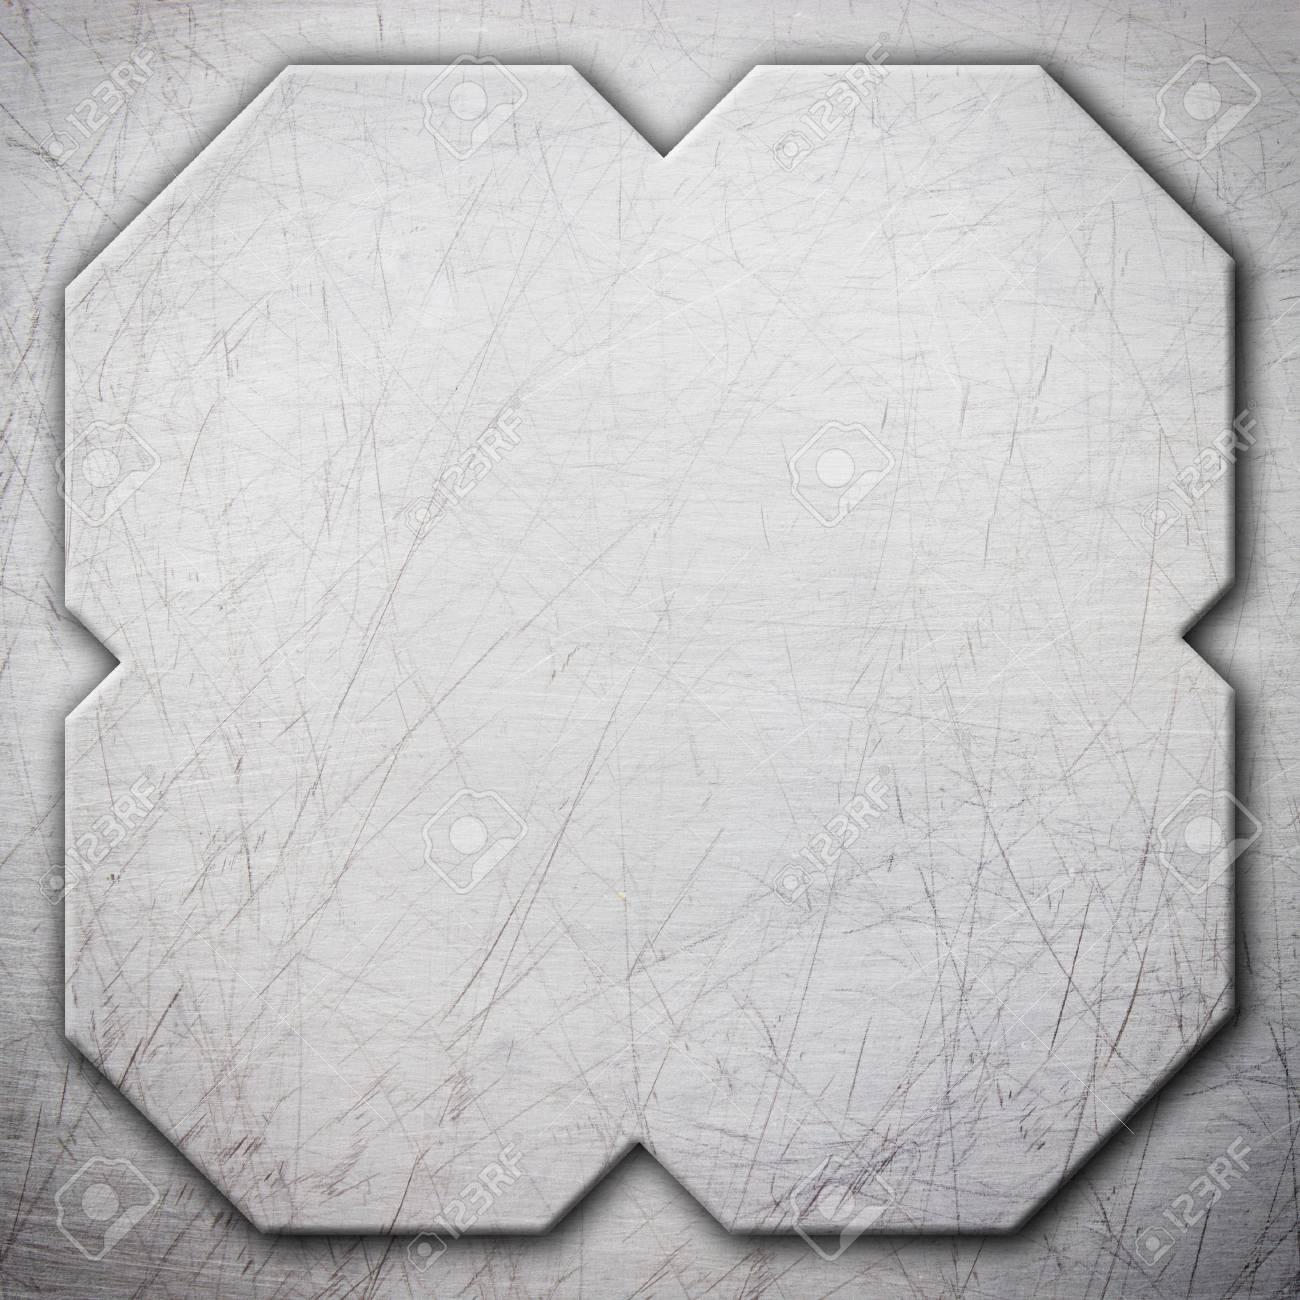 Placa de acero cuadrada, marco de acero como fondo para el diseño